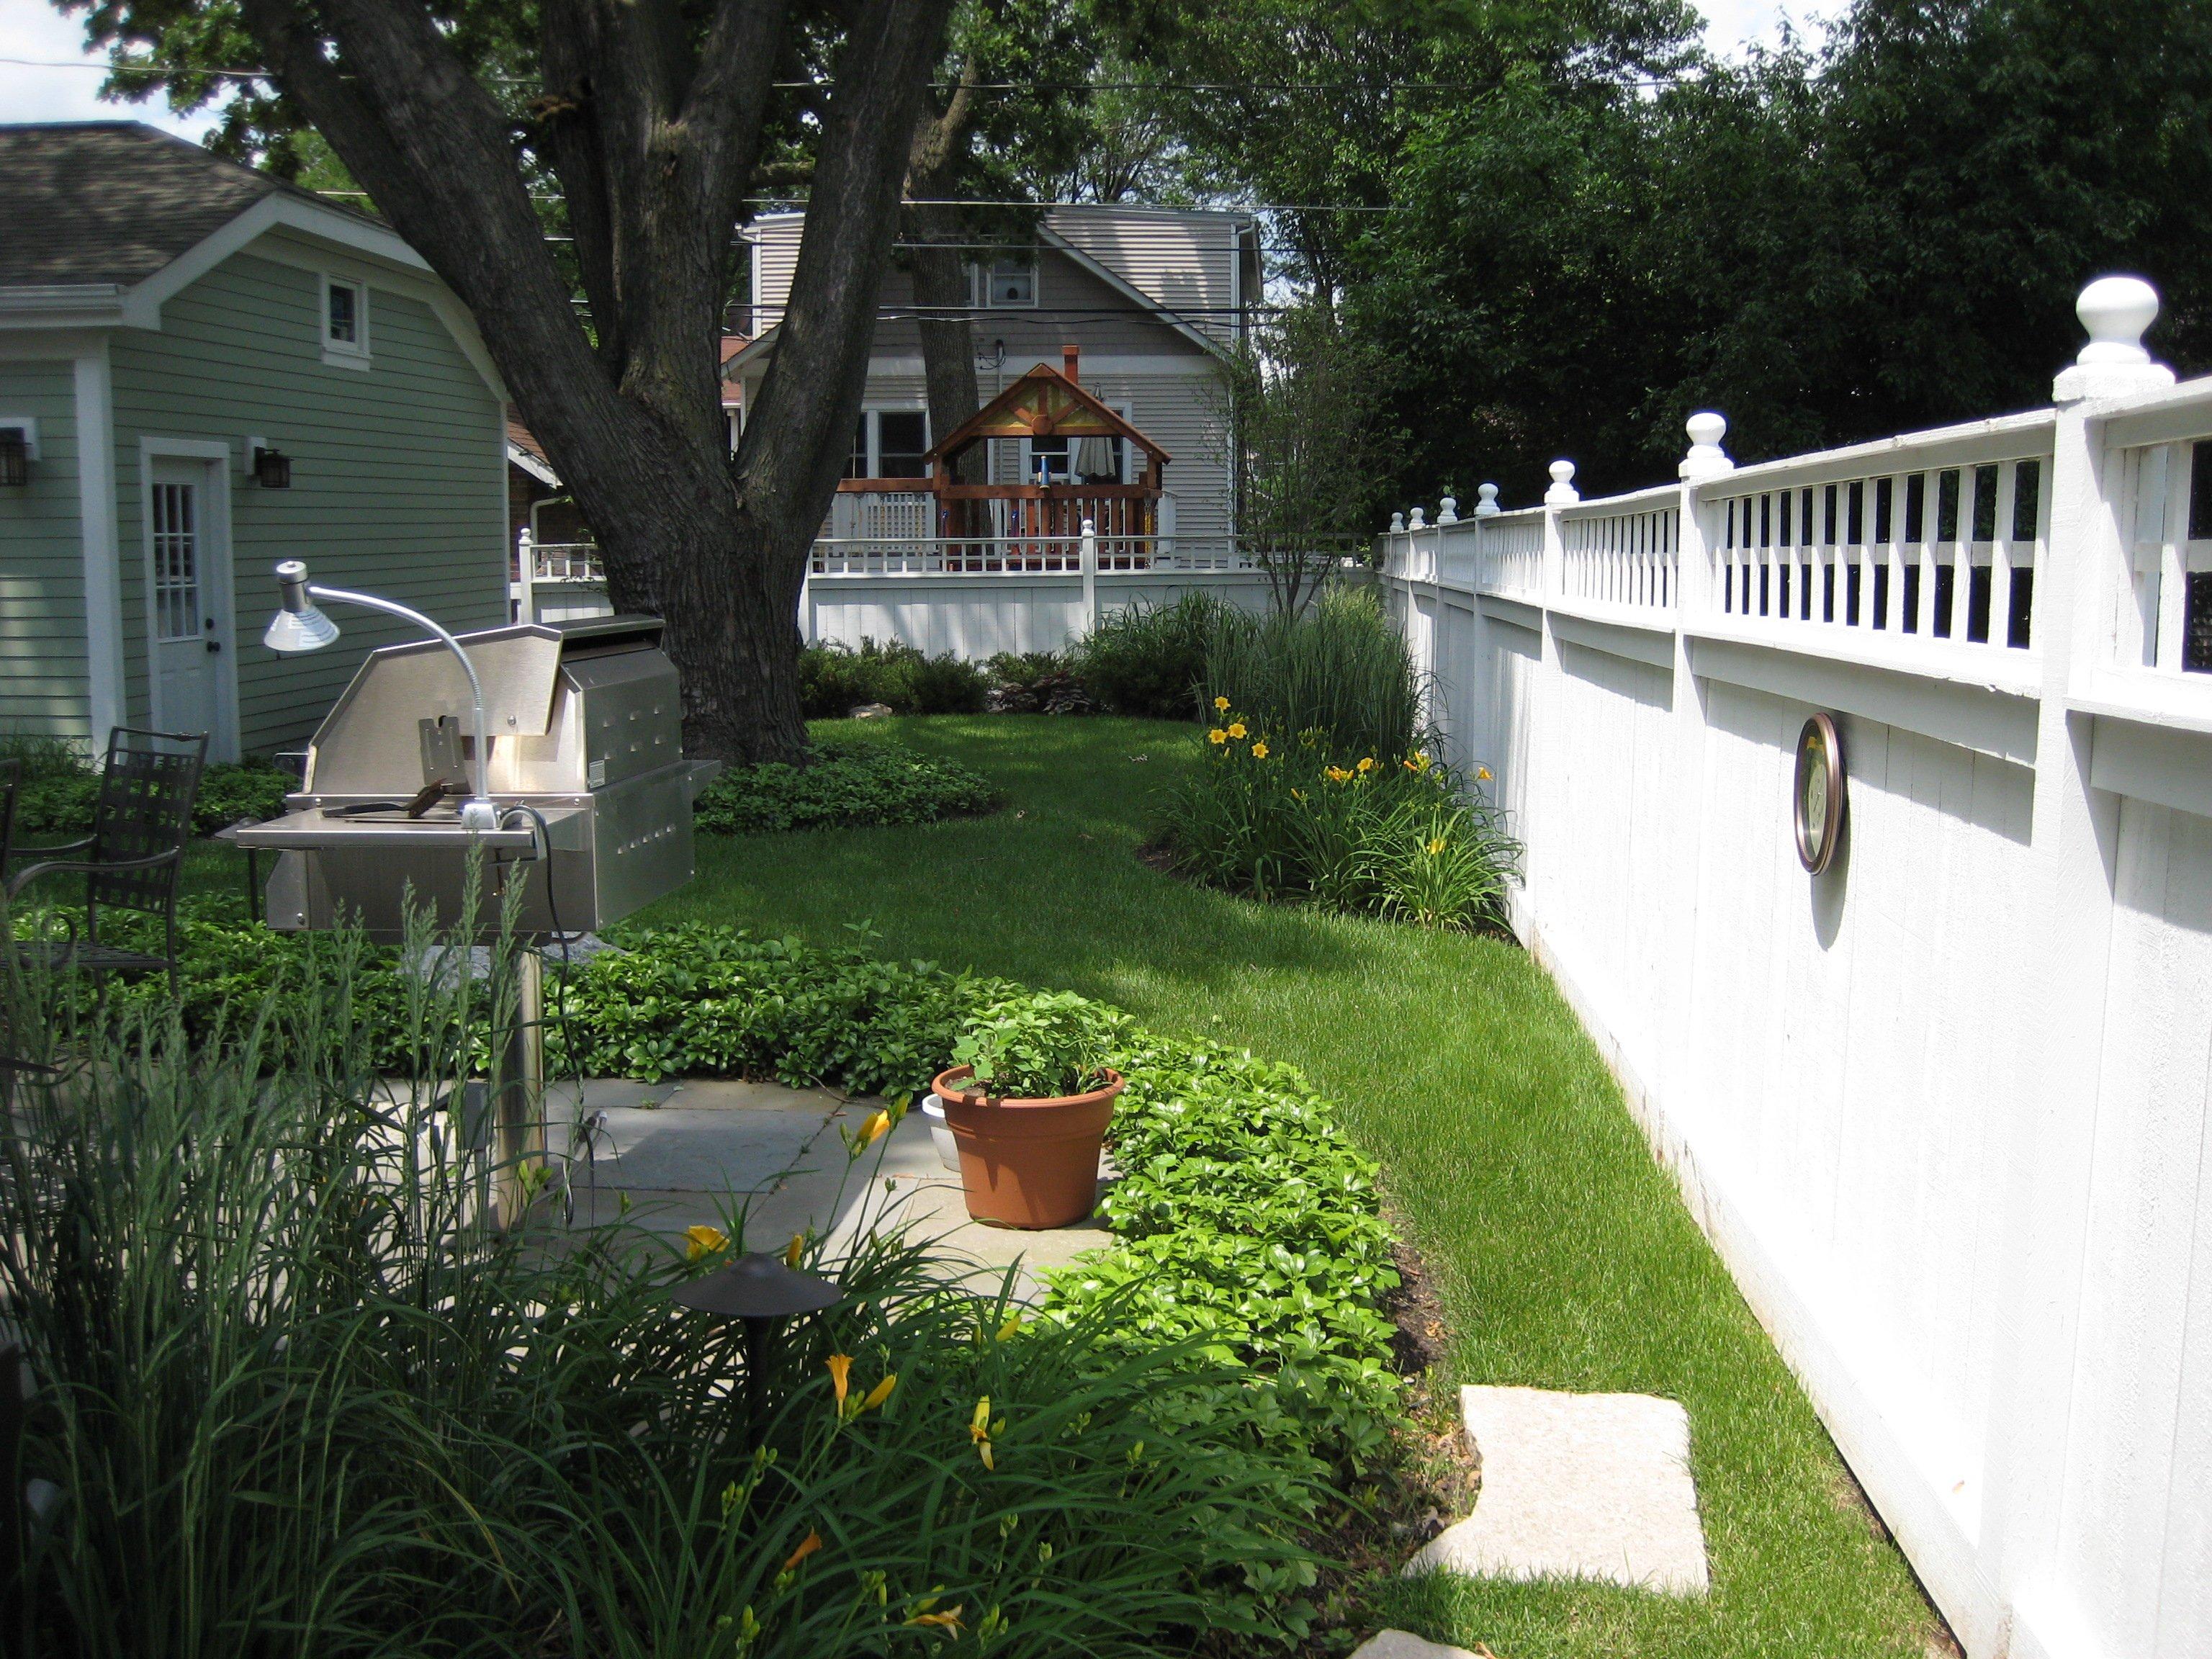 Landscape Design, JWB Outdoor Design